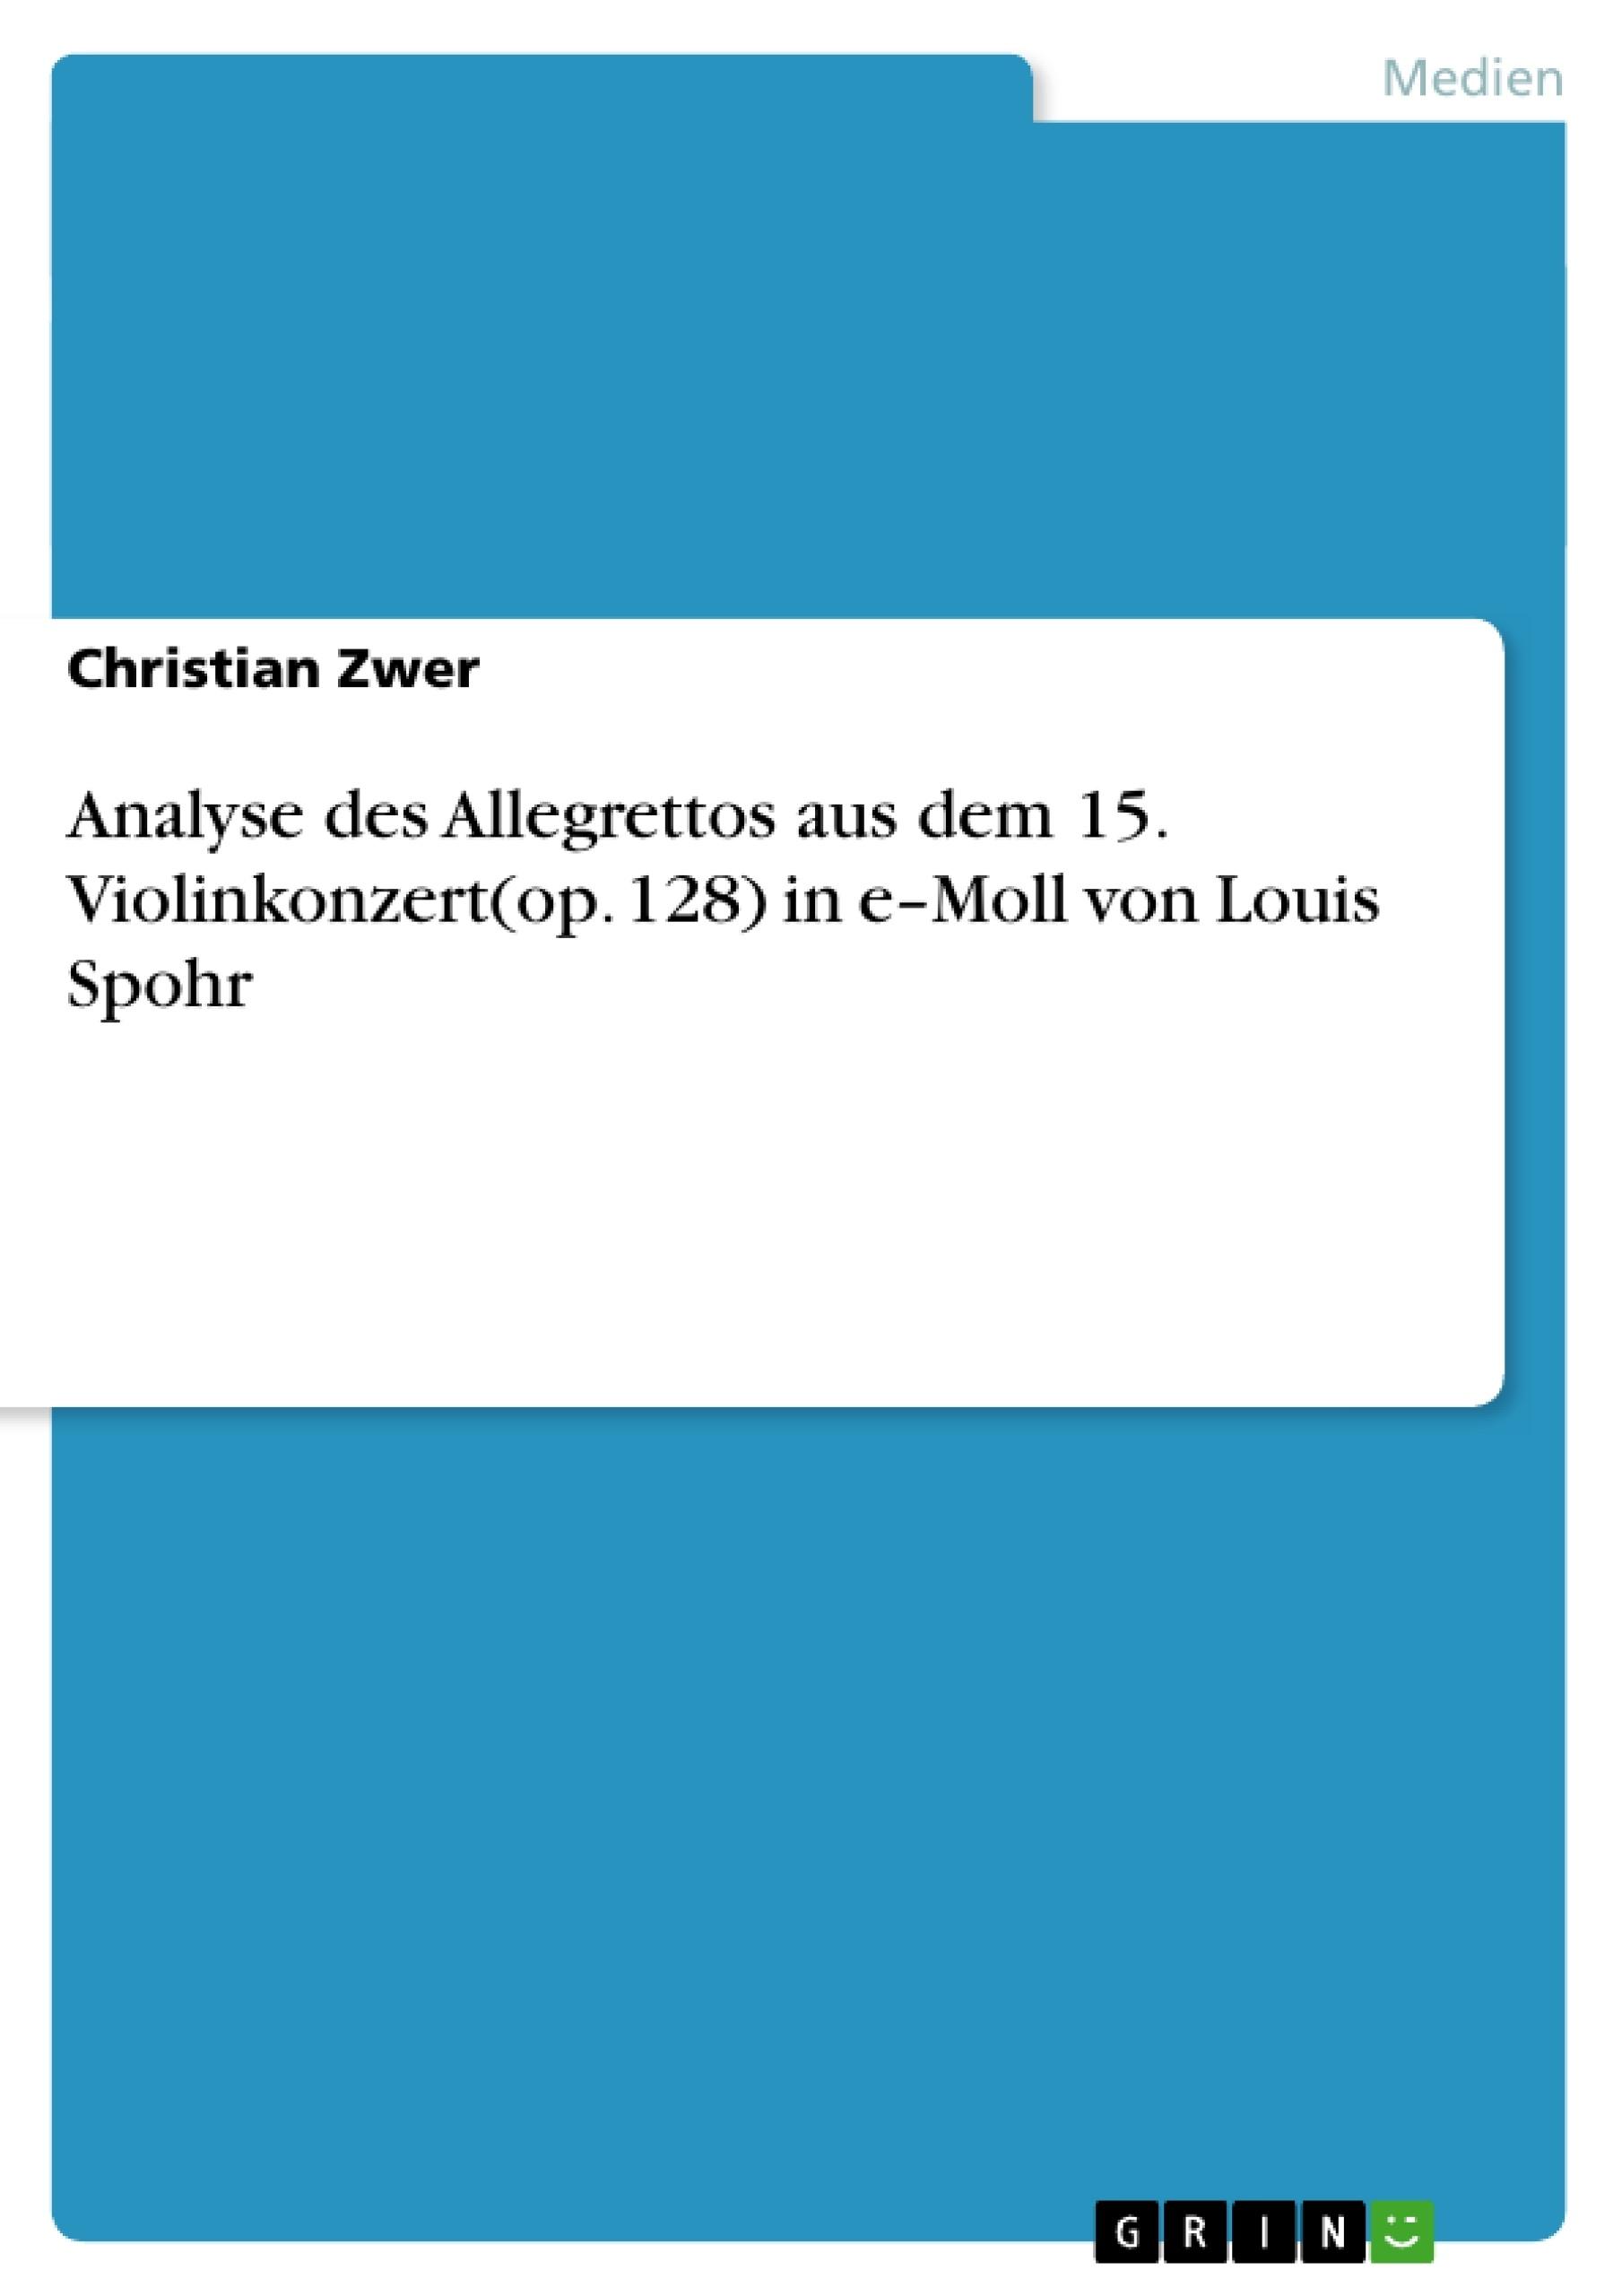 Titel: Analyse des Allegrettos aus dem 15. Violinkonzert(op. 128)  in e–Moll von Louis Spohr